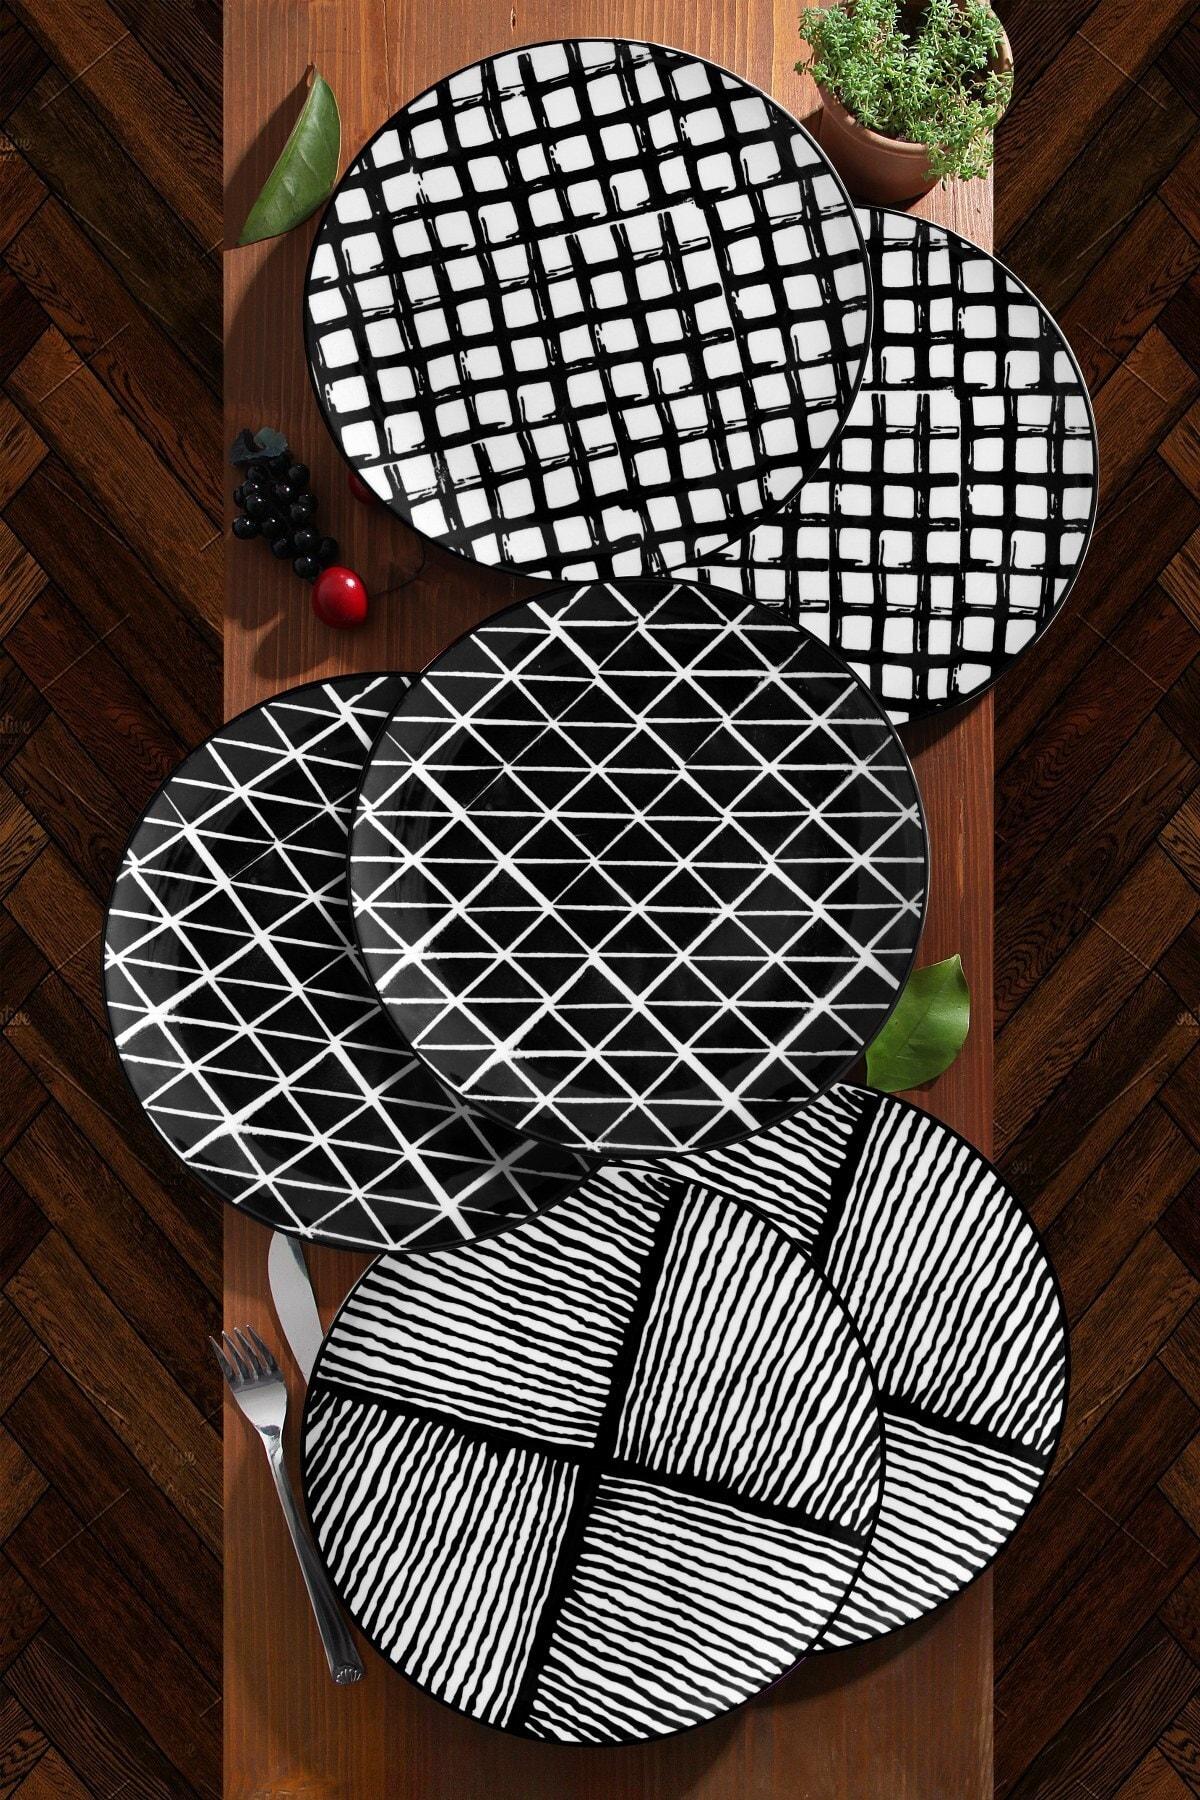 6'lı Özel Tasarım Handmade 21cm Pasta Tabak Seti - Black